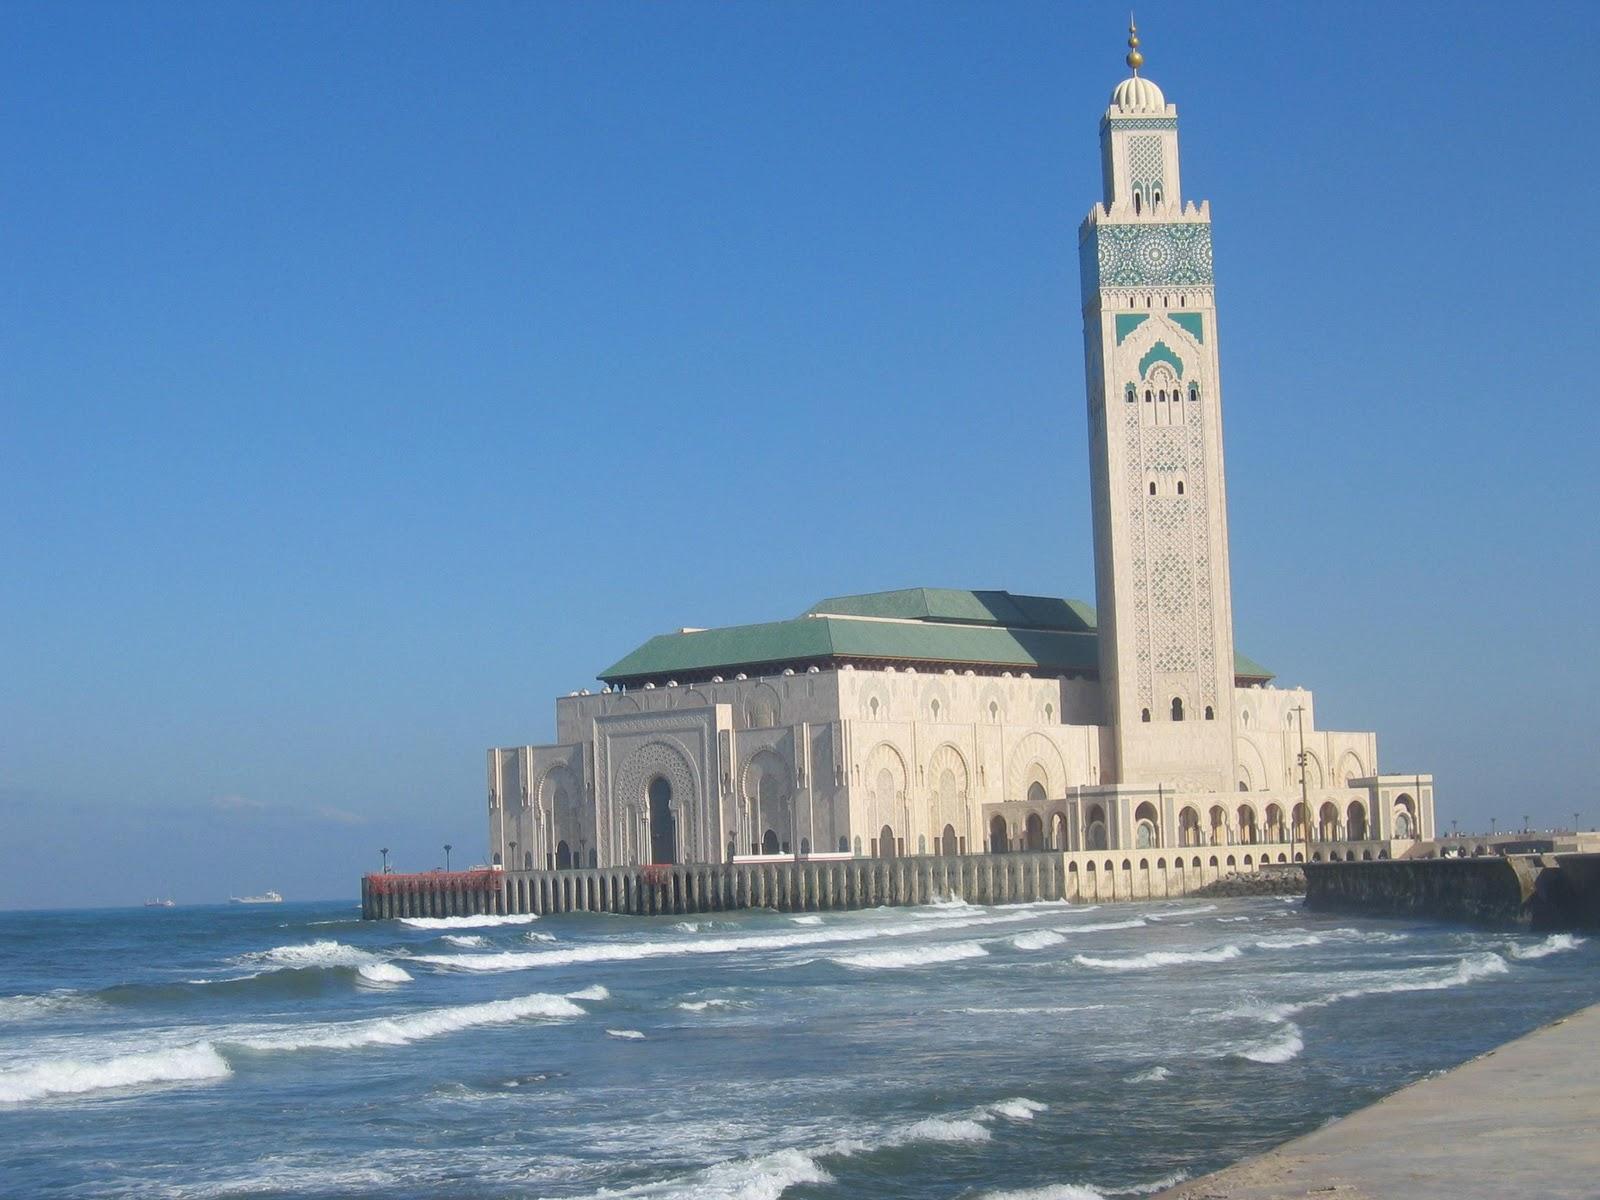 1001 mosques hassan ii mosque morocco - Marocco casablanca ...